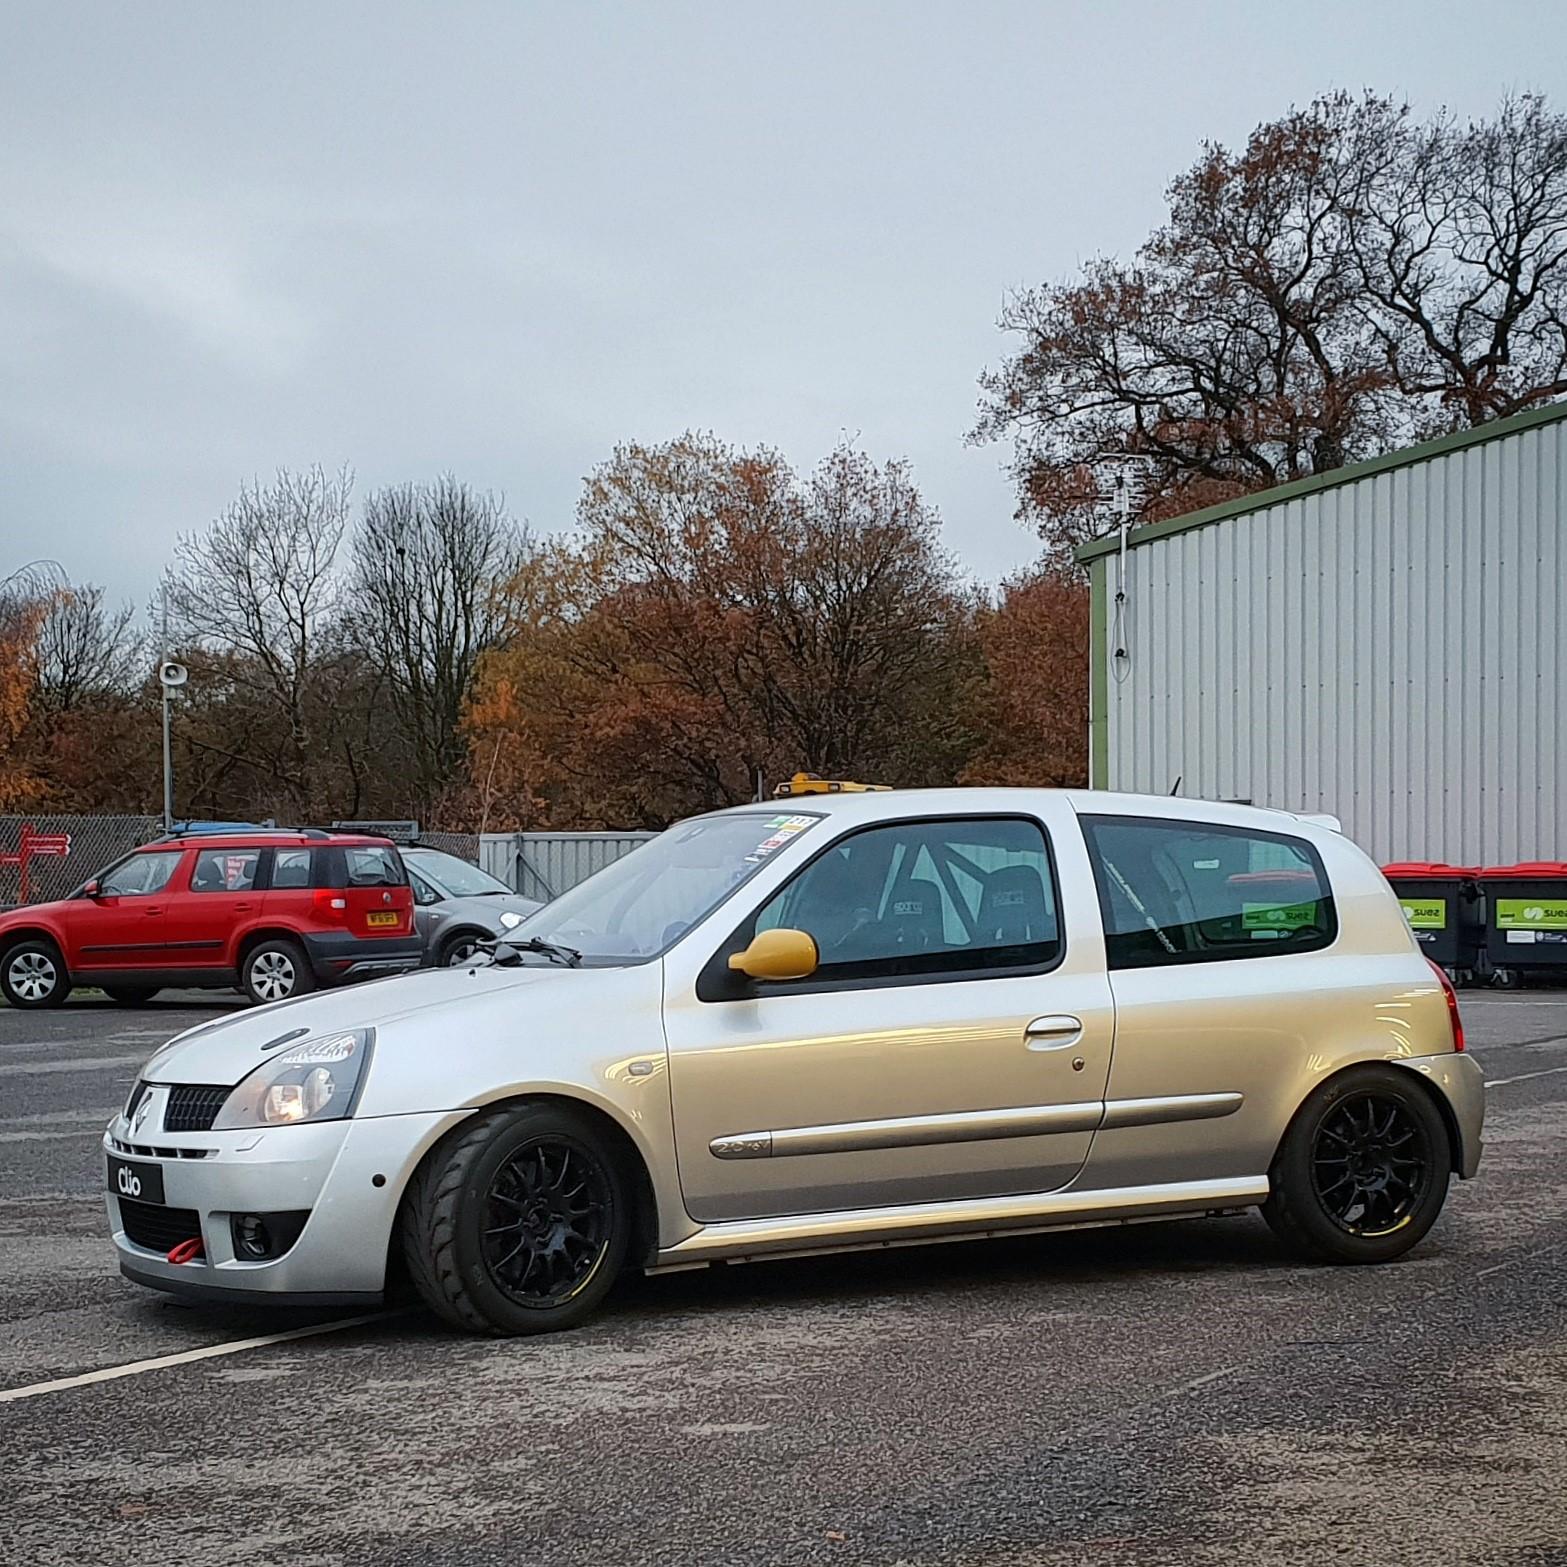 Clio 01.jpg